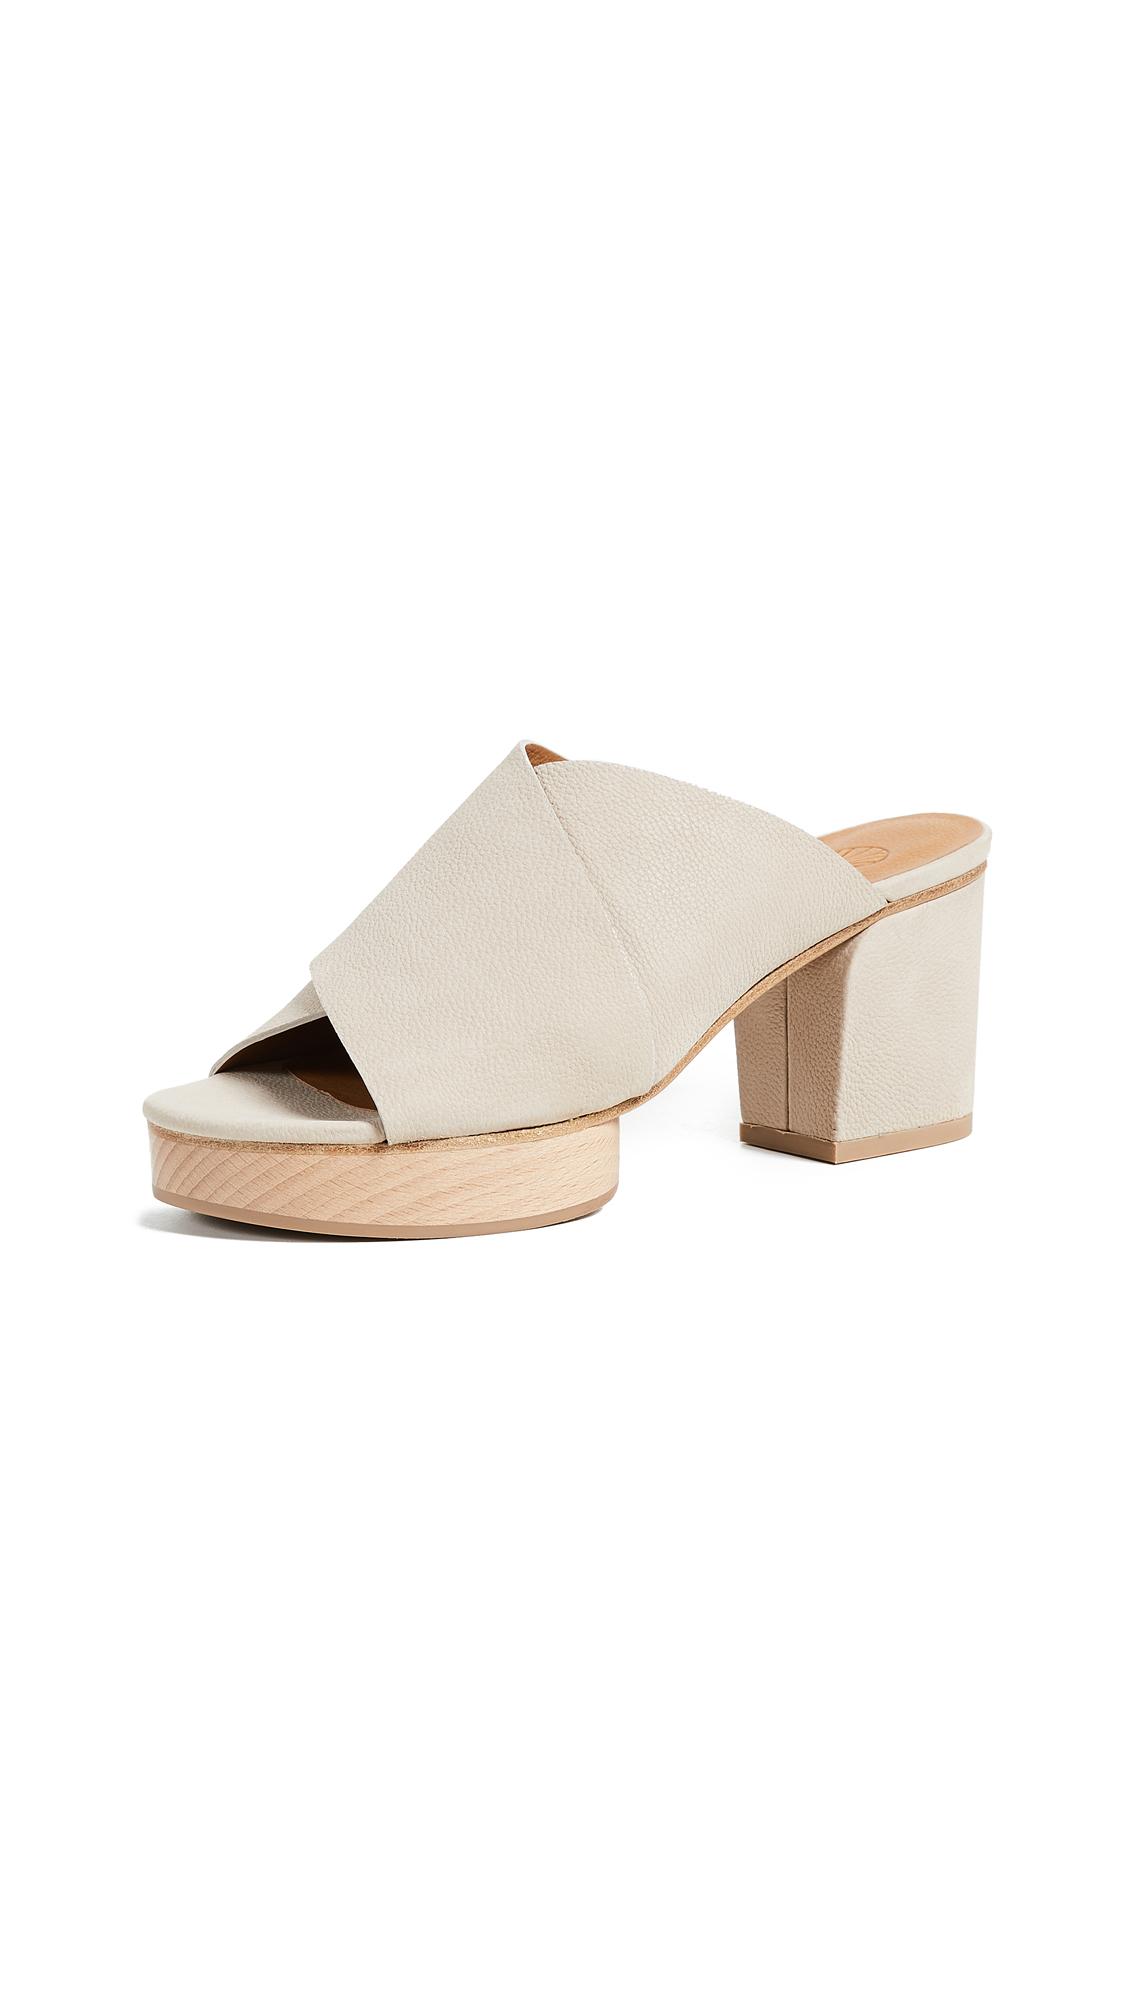 Coclico Shoes Richie Block Heel Sandals